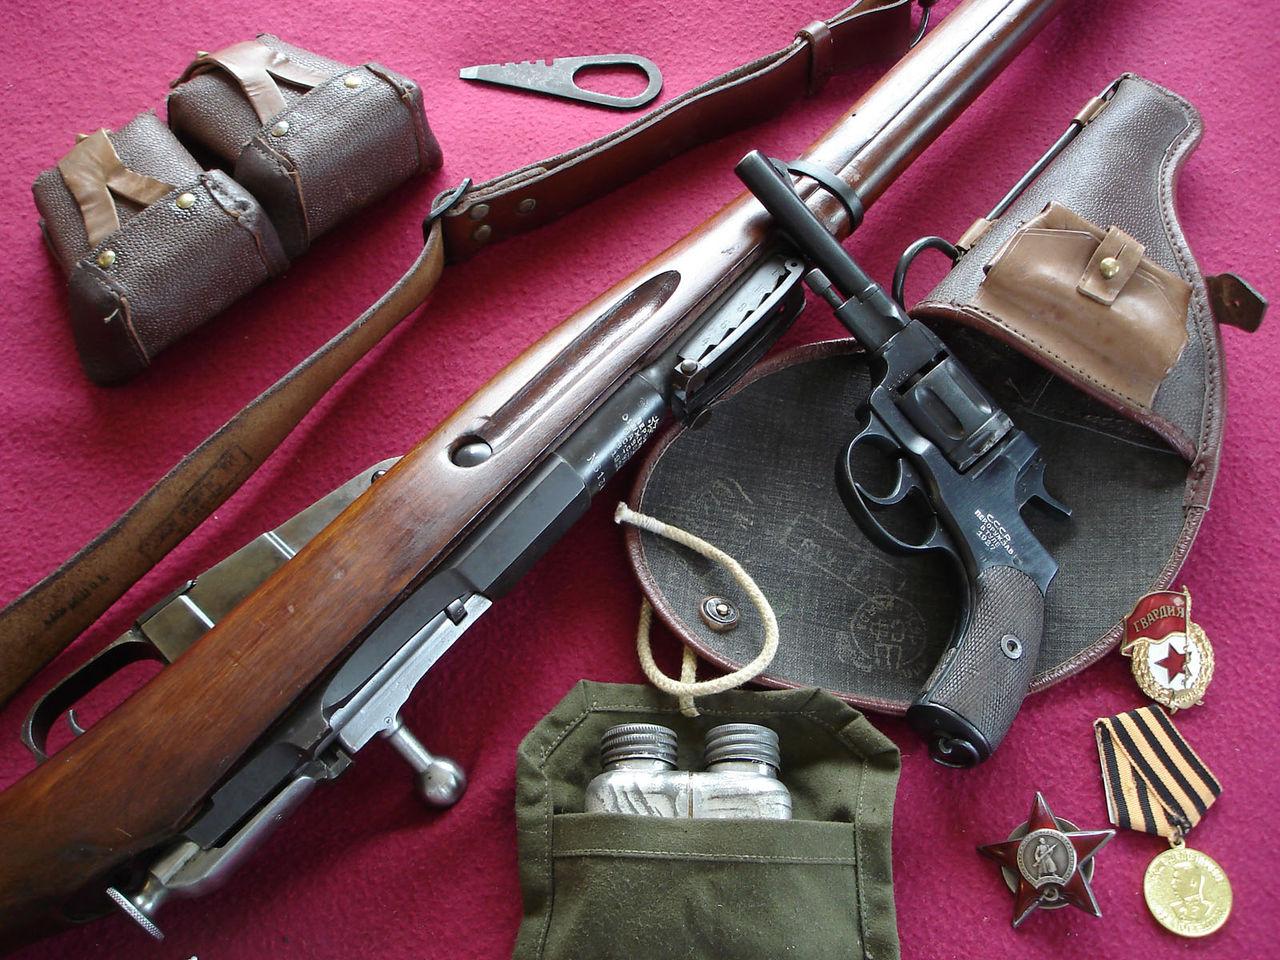 смотреть стрелковое оружие второй мировой войны видео проблемы коллективом